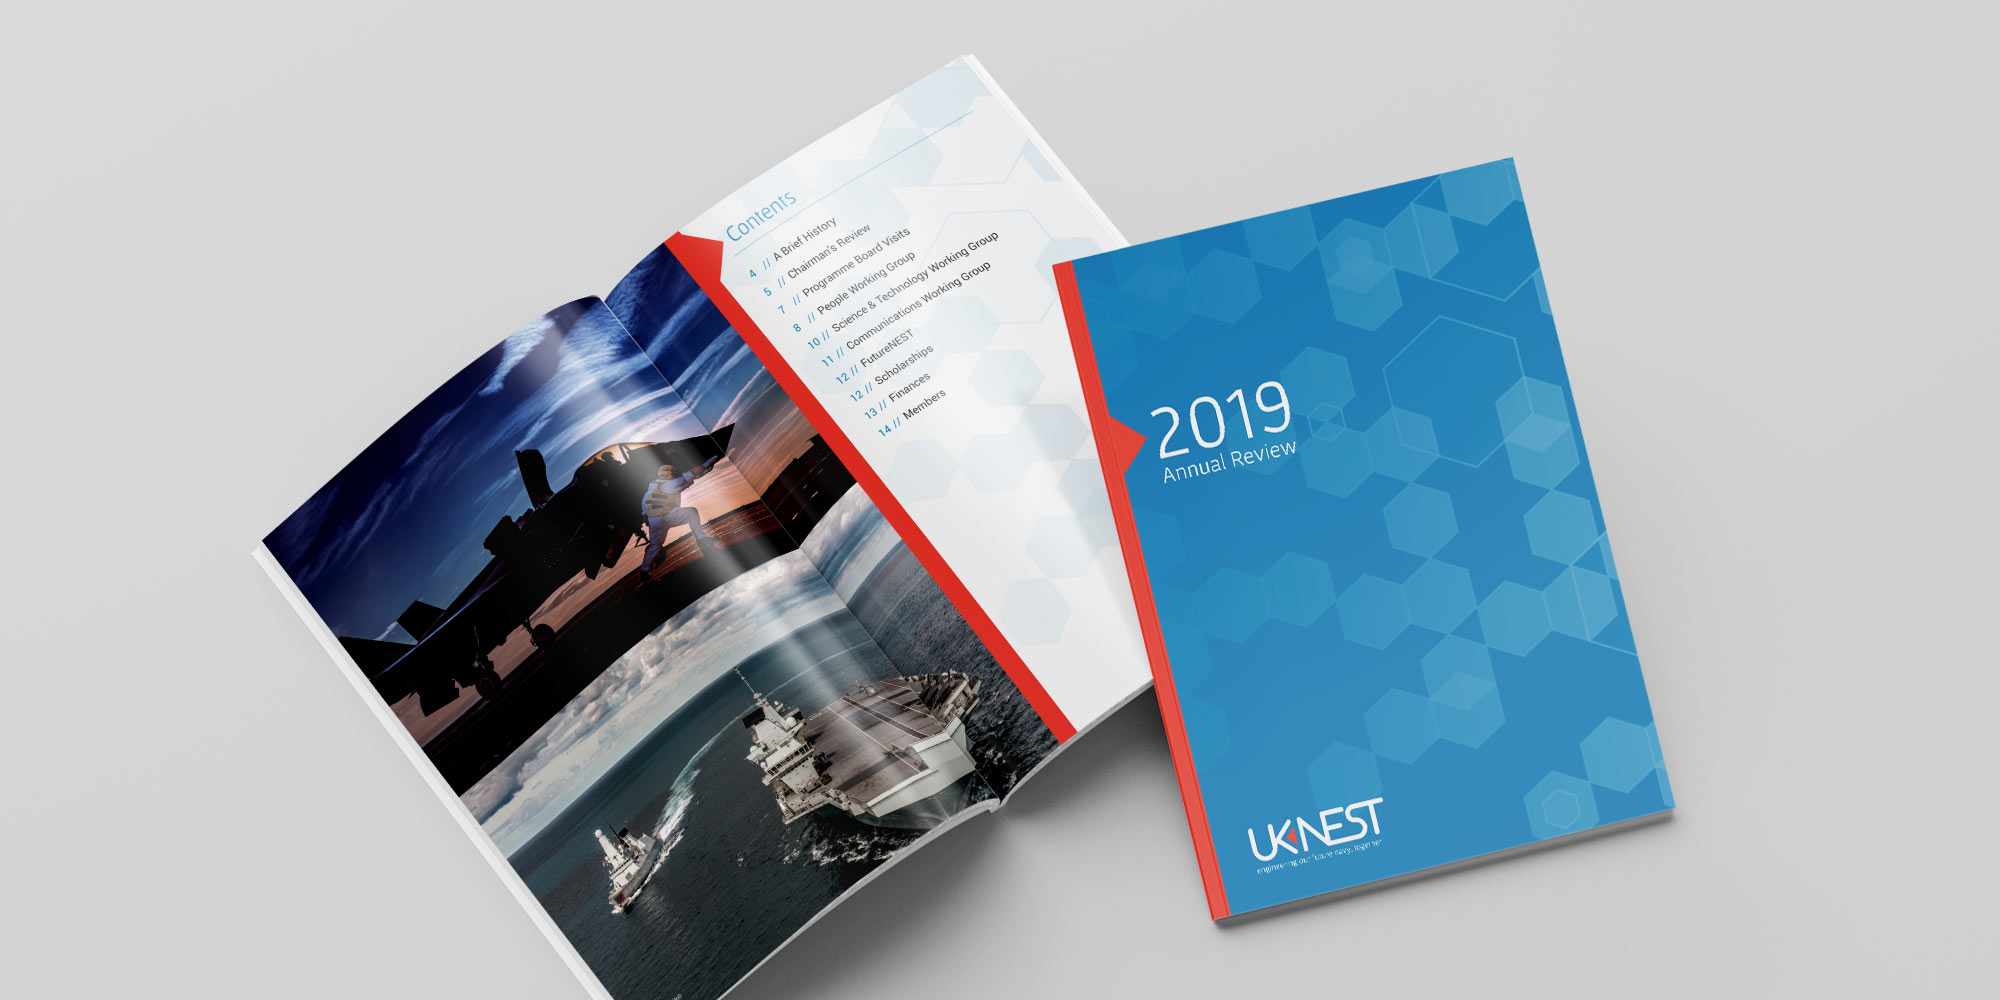 UK Nest Annual Report Print Design